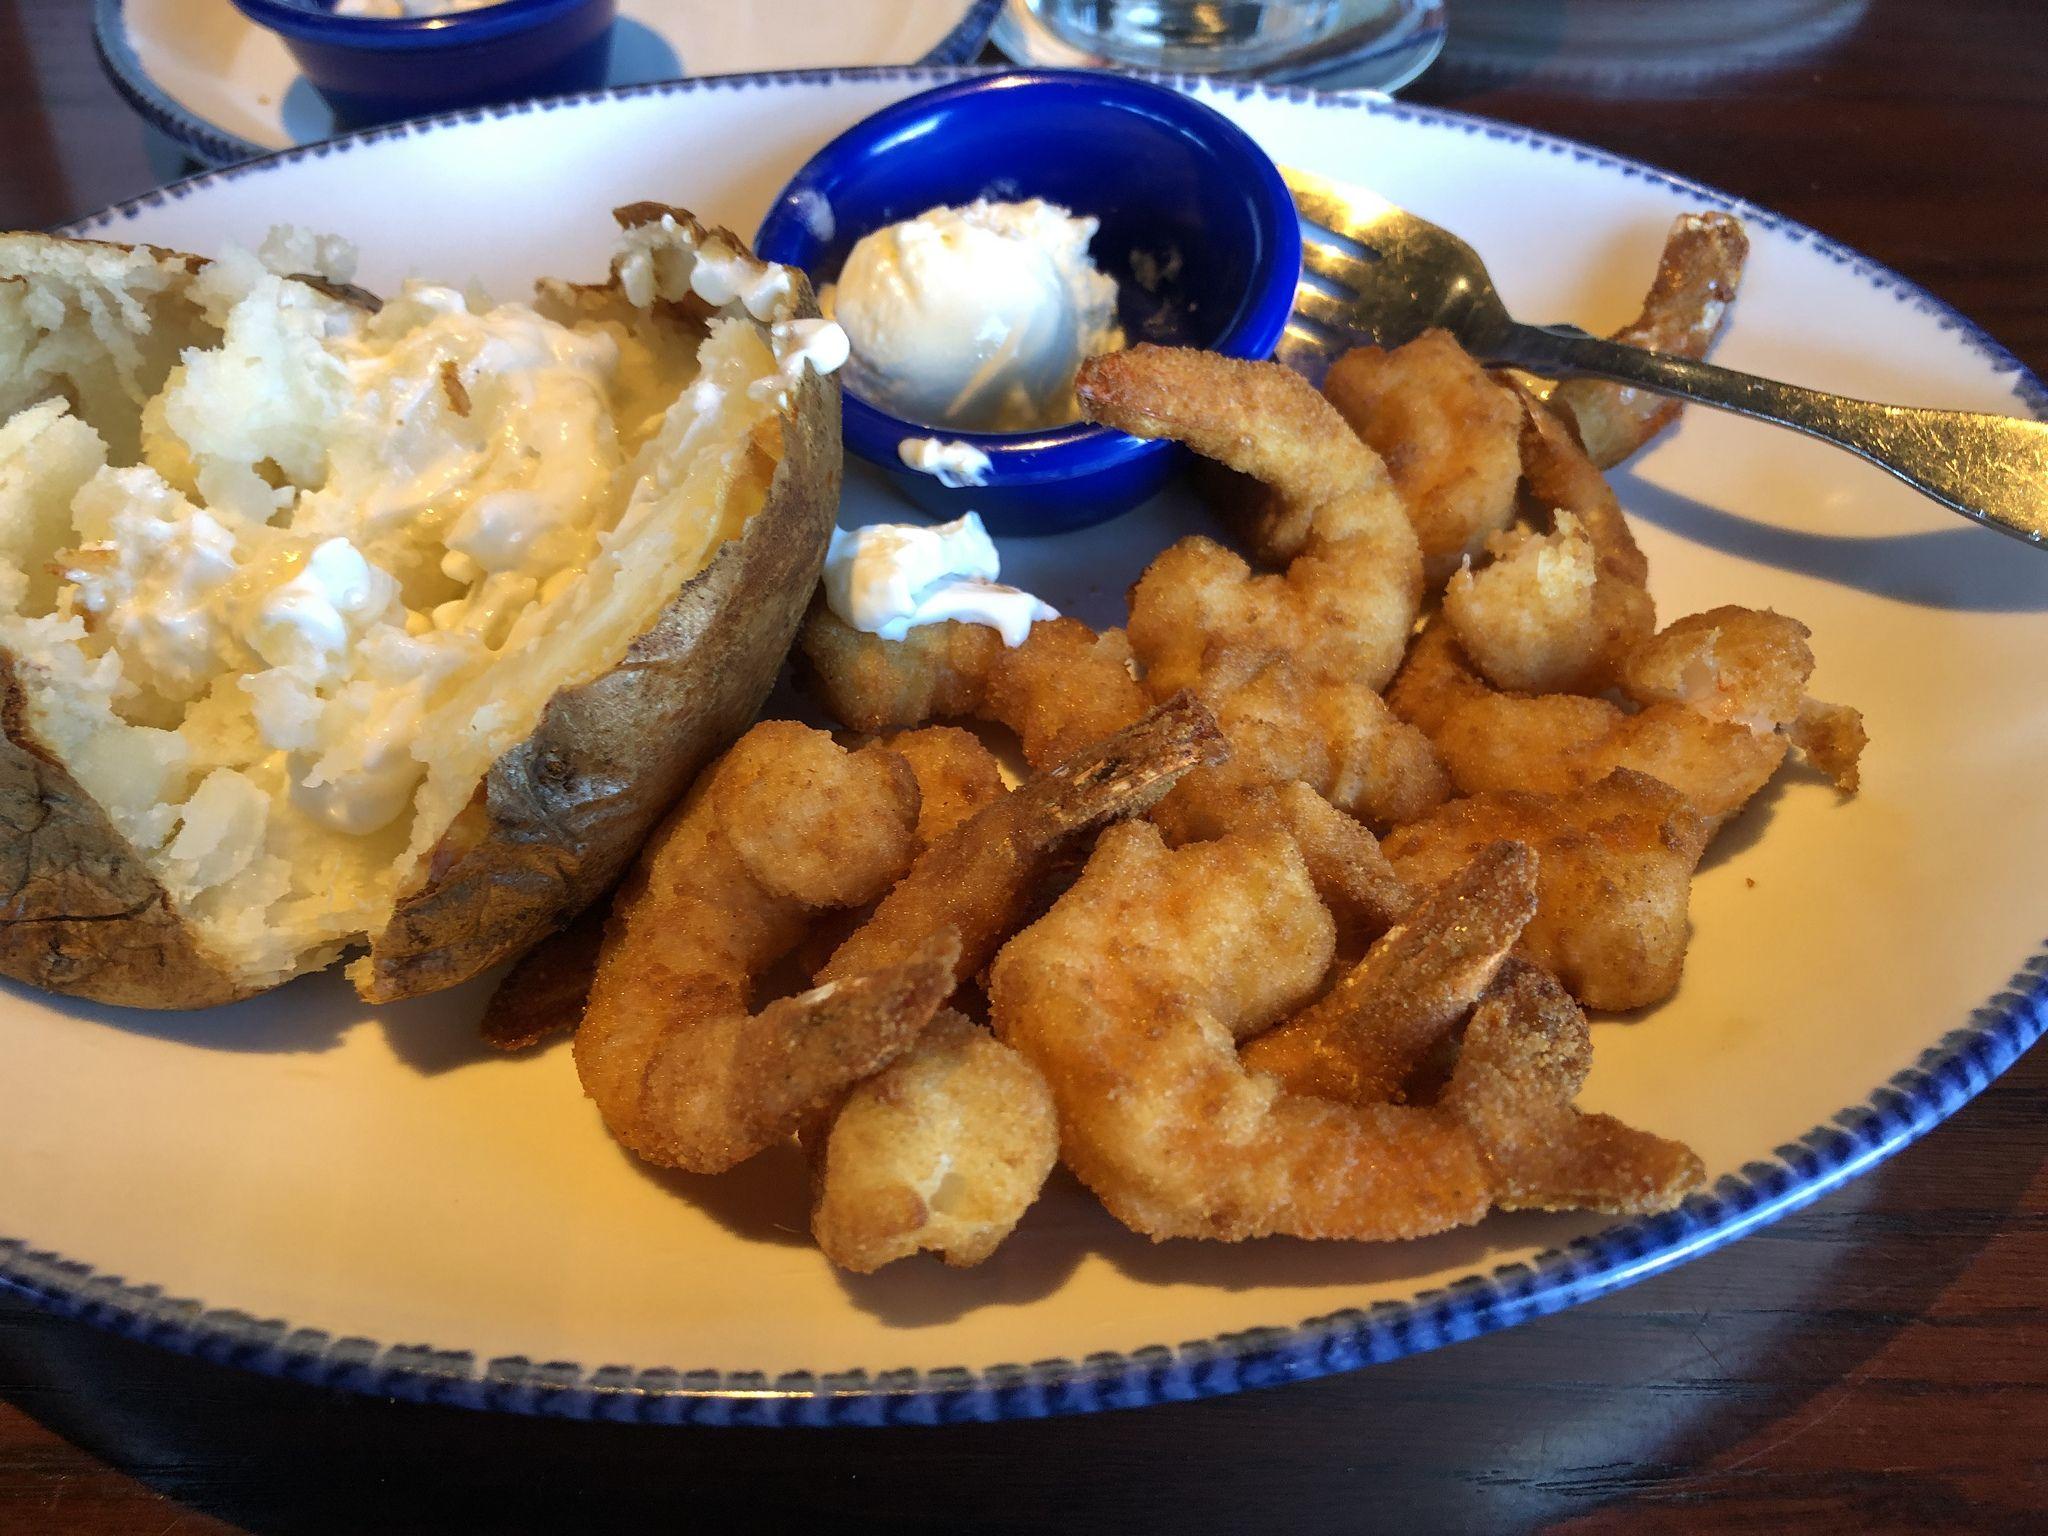 c2019 Jan 9, Red Lobster My favorite food, Red lobster, Food